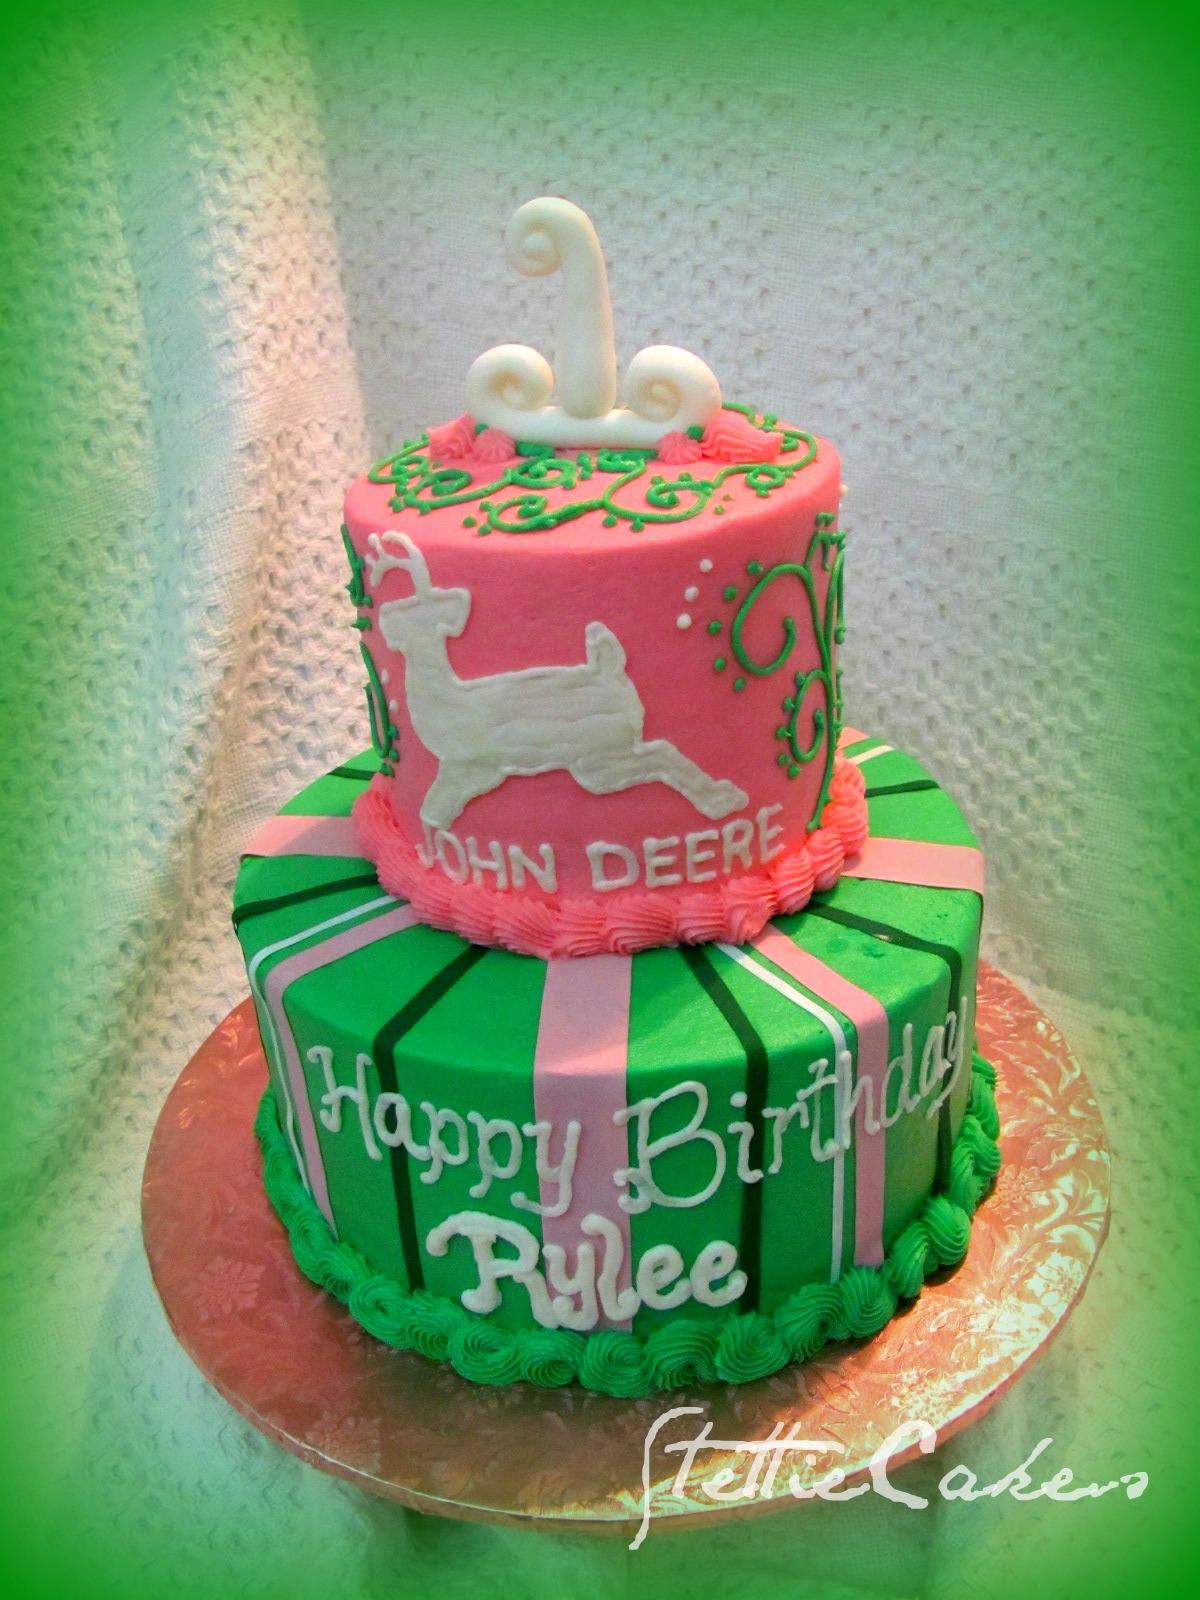 Stettie Cakes John Deere Girl